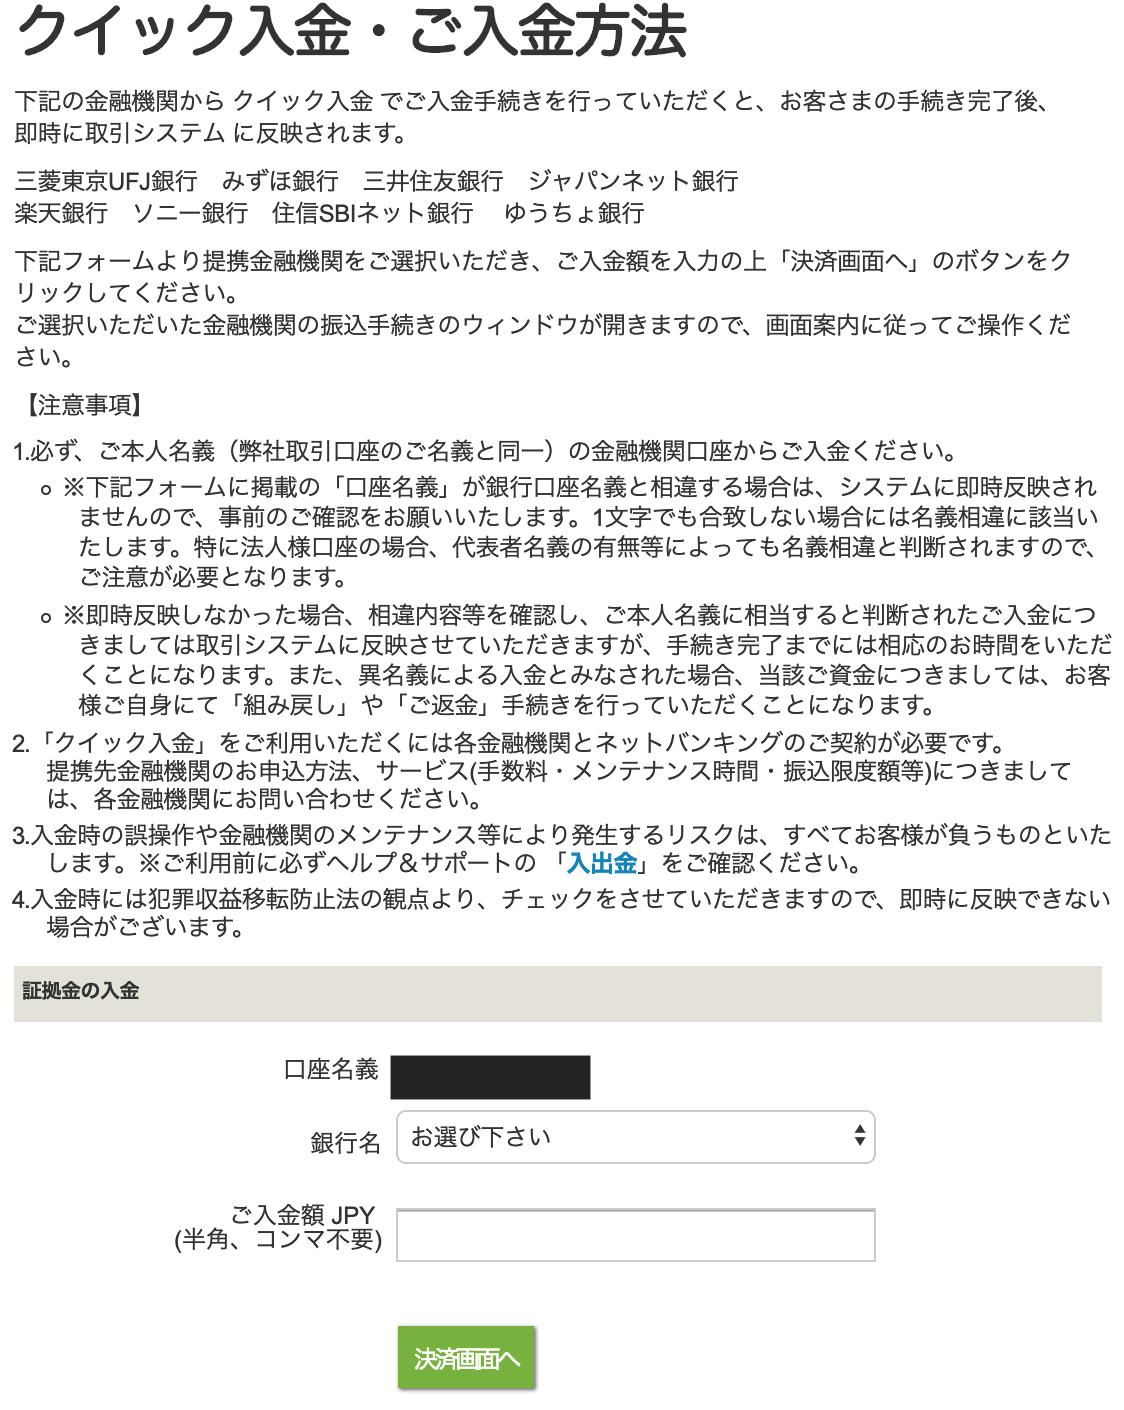 クイック入金申請について。